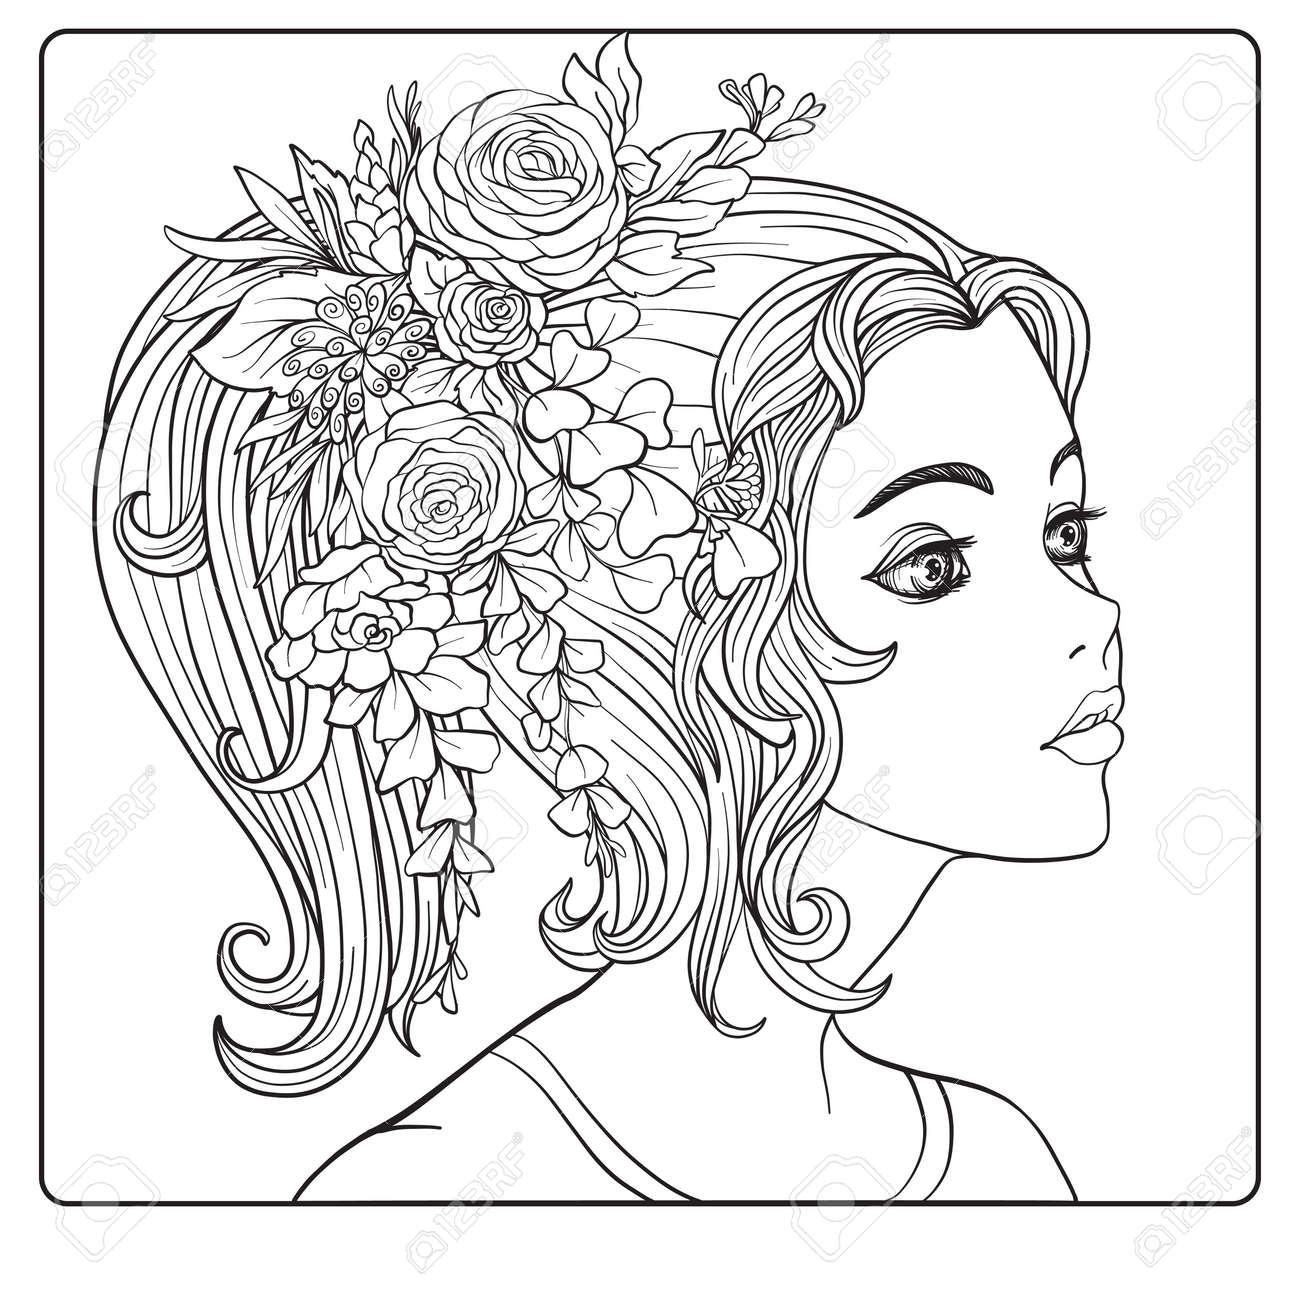 Une Jeune Fille Belle Avec Une Couronne De Fleurs Sur Sa Tête Coloriage De Dessin De Main De Contour Pour Le Livre De Coloriage Adulte